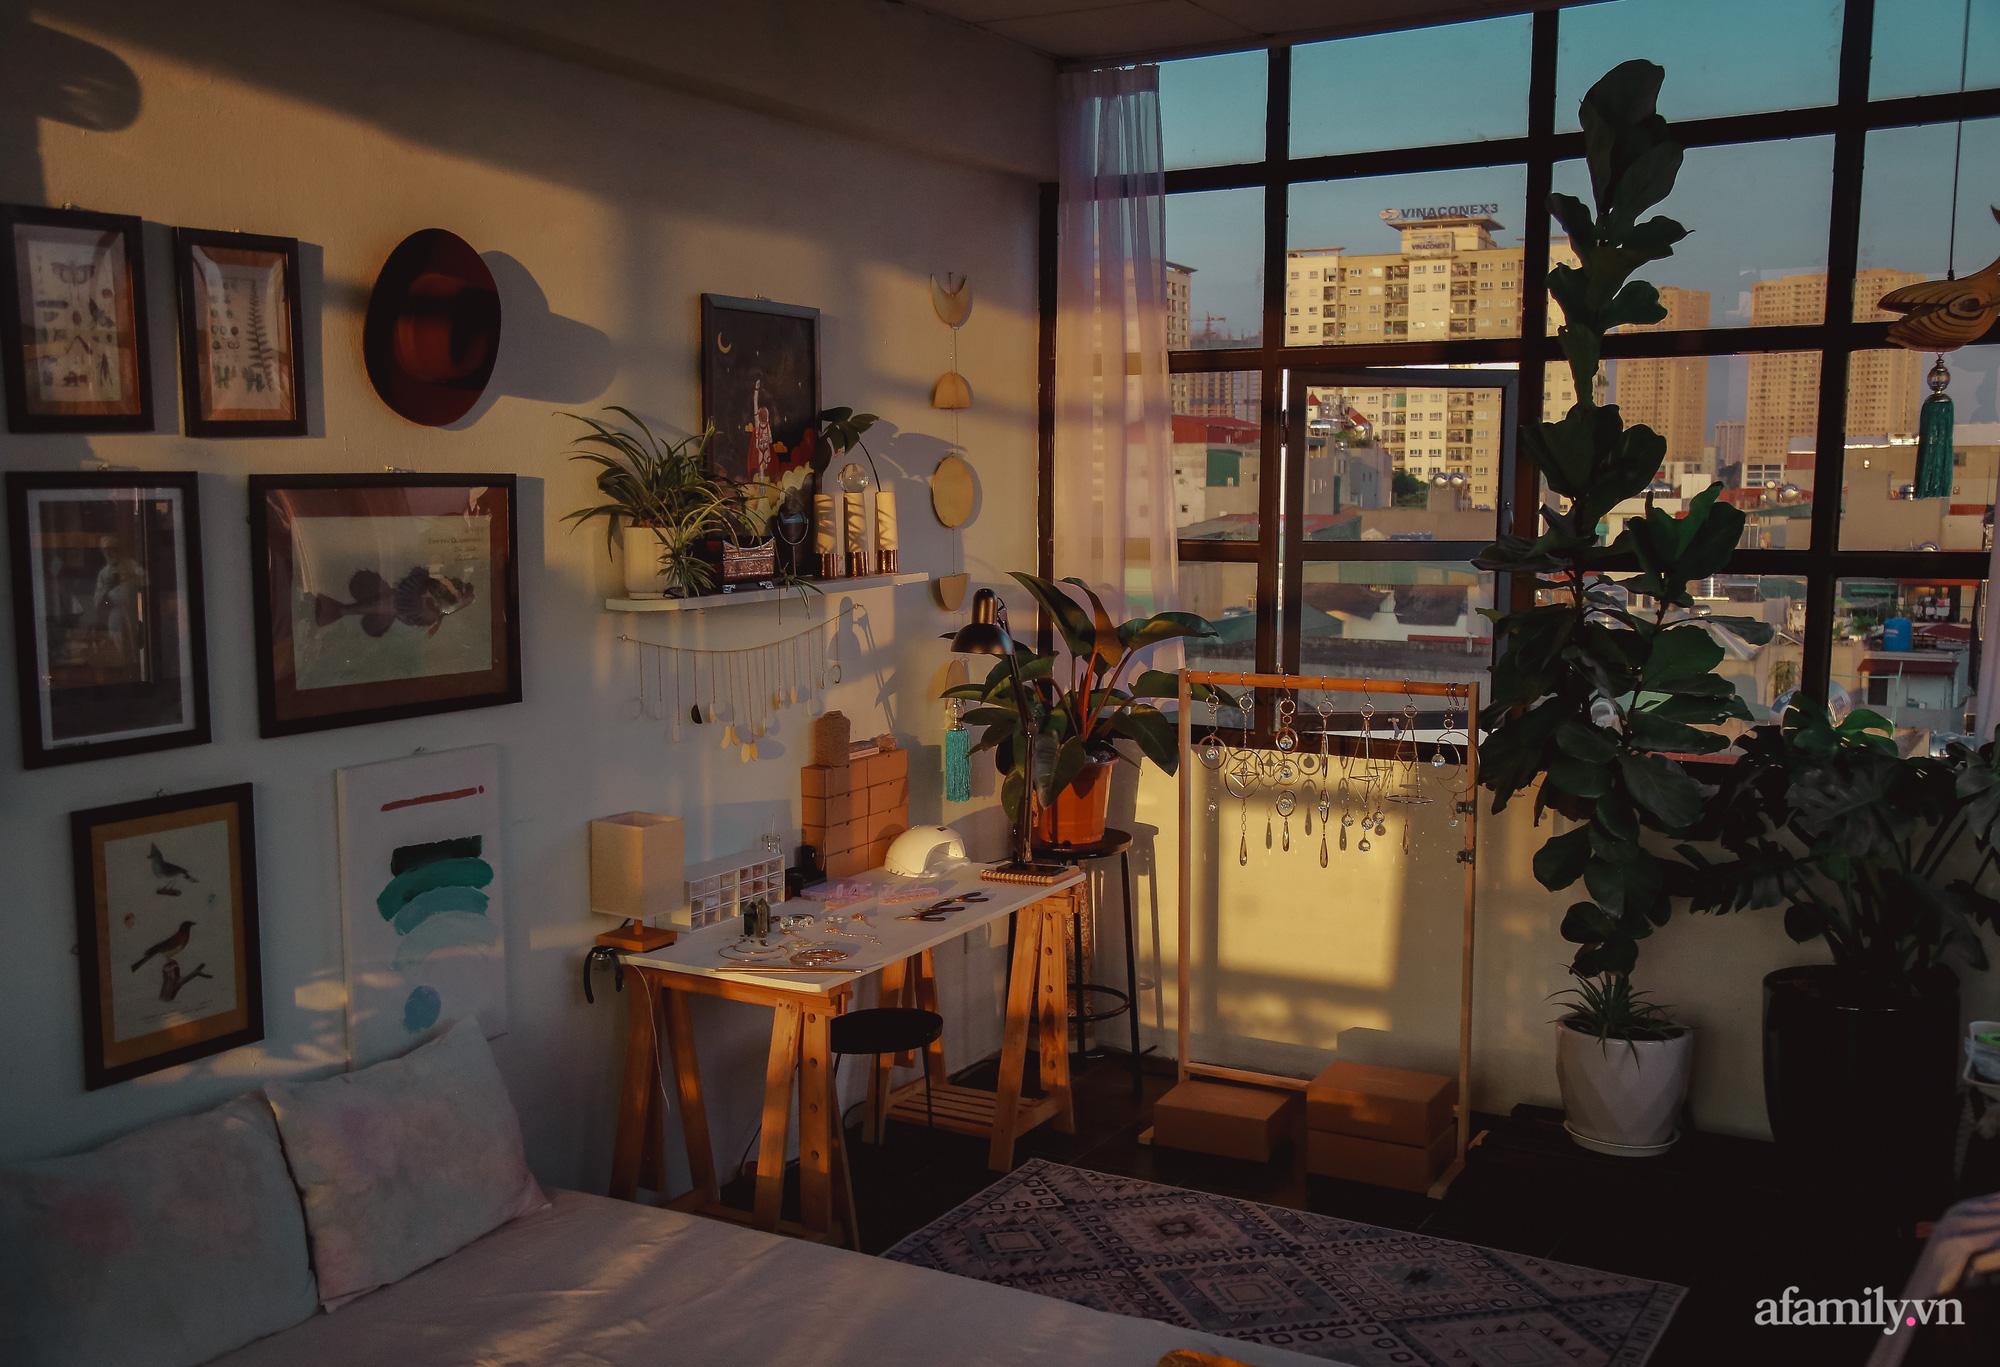 Với 5 triệu đồng để cải tạo, chàng trai Hà Nội có ngay phòng ốc siêu xịn sò như studio tạp chí - Ảnh 7.